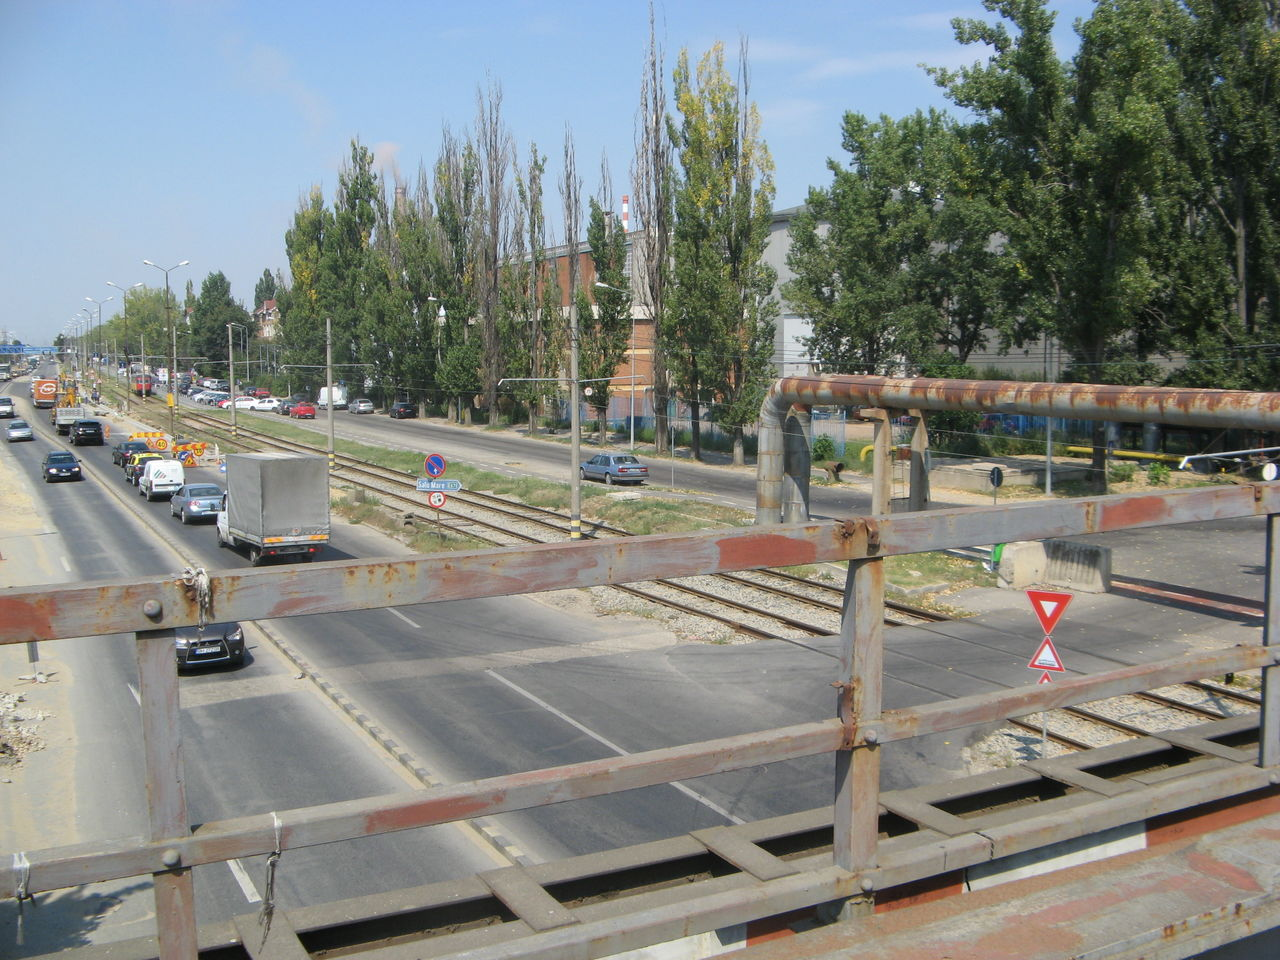 Calea ferată directă Oradea Vest - Episcopia Bihor IMG_0025